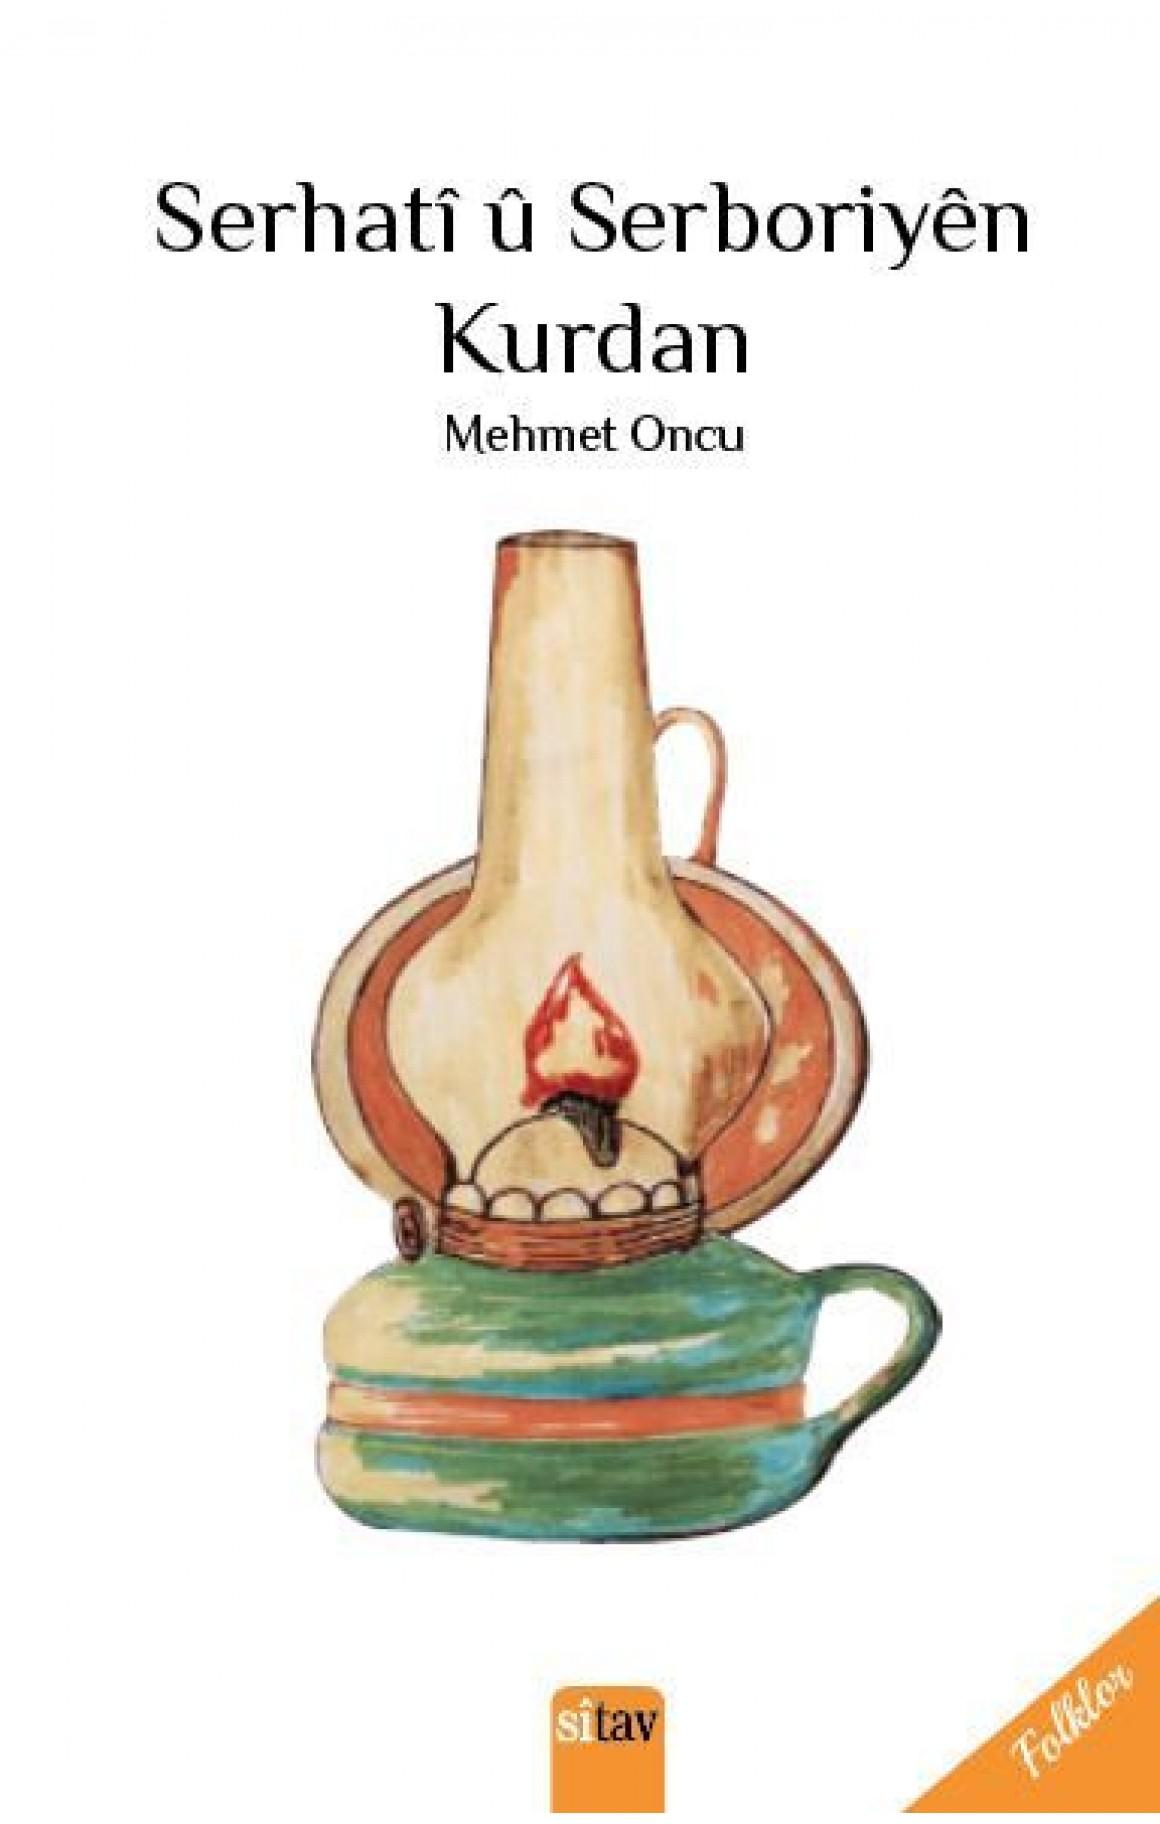 Serhatî û Serboriyên Kurdan